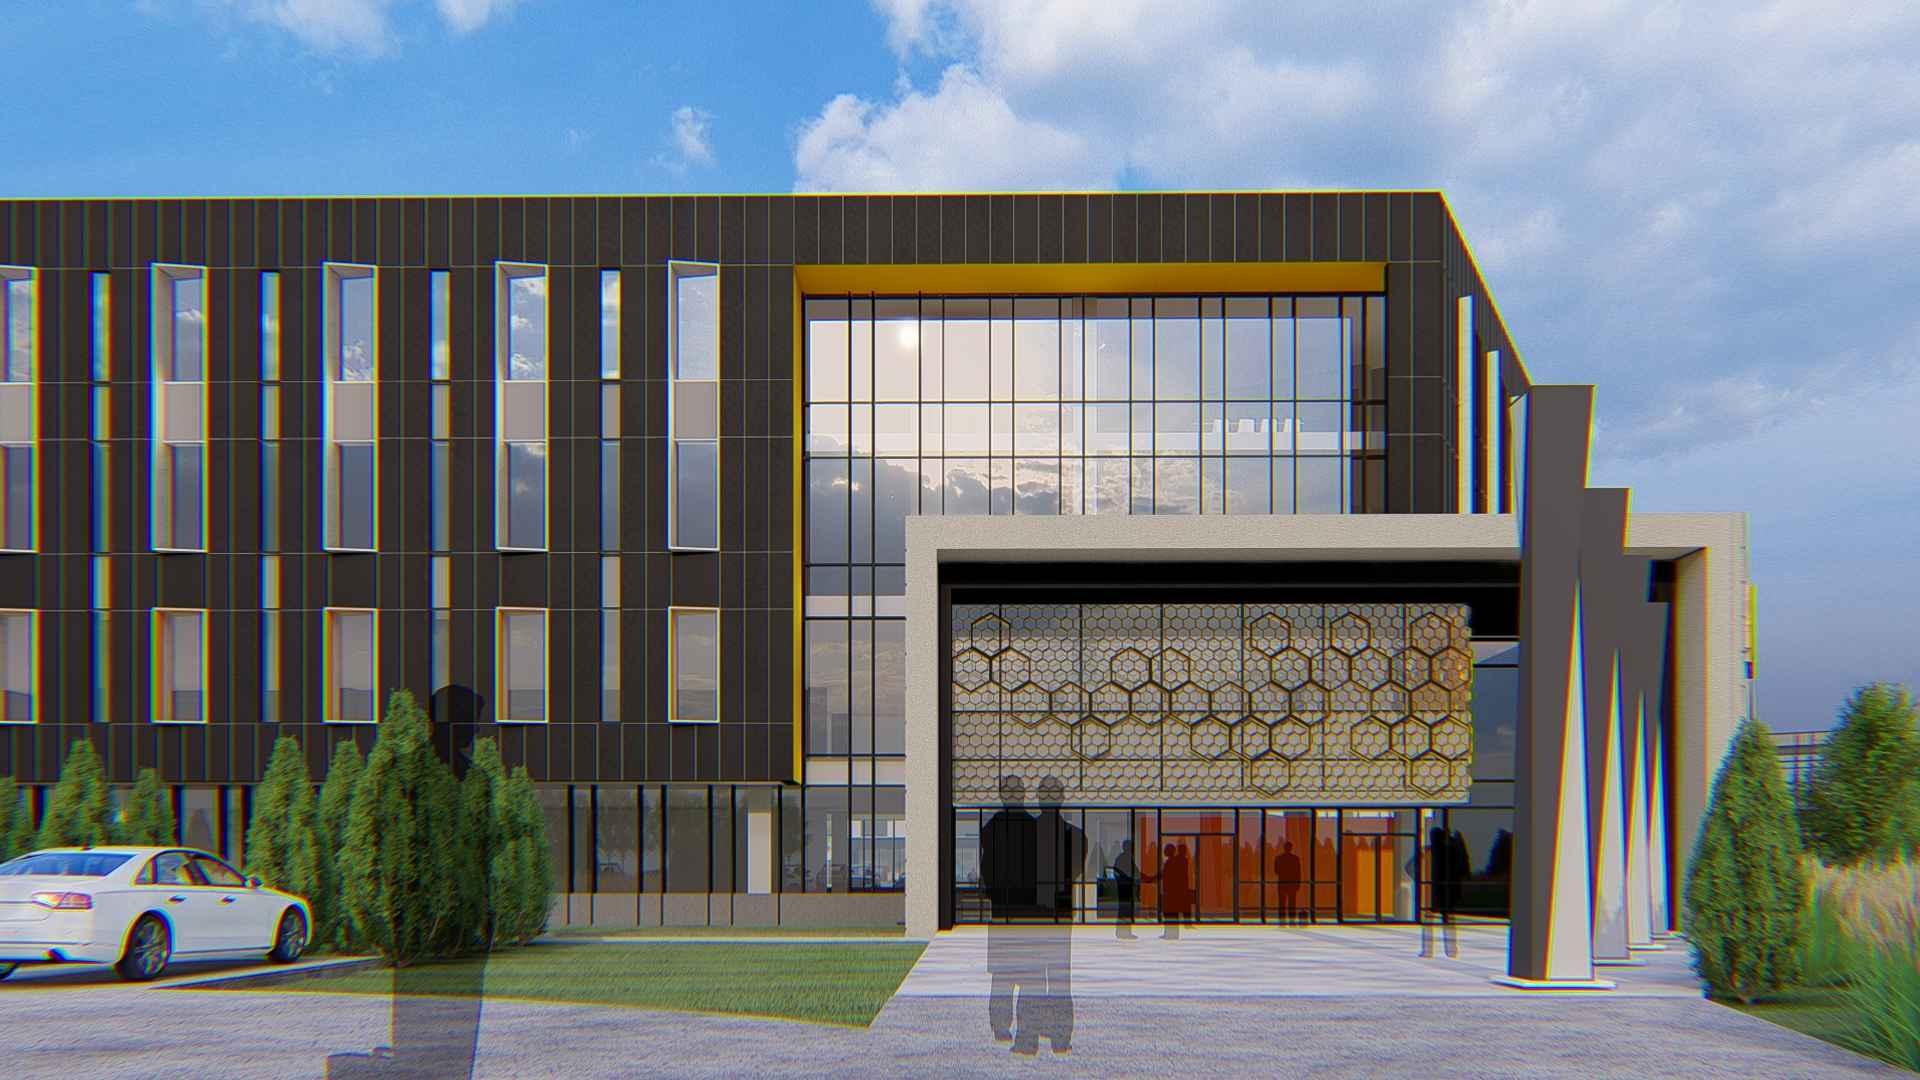 New entry on Aldevron campus